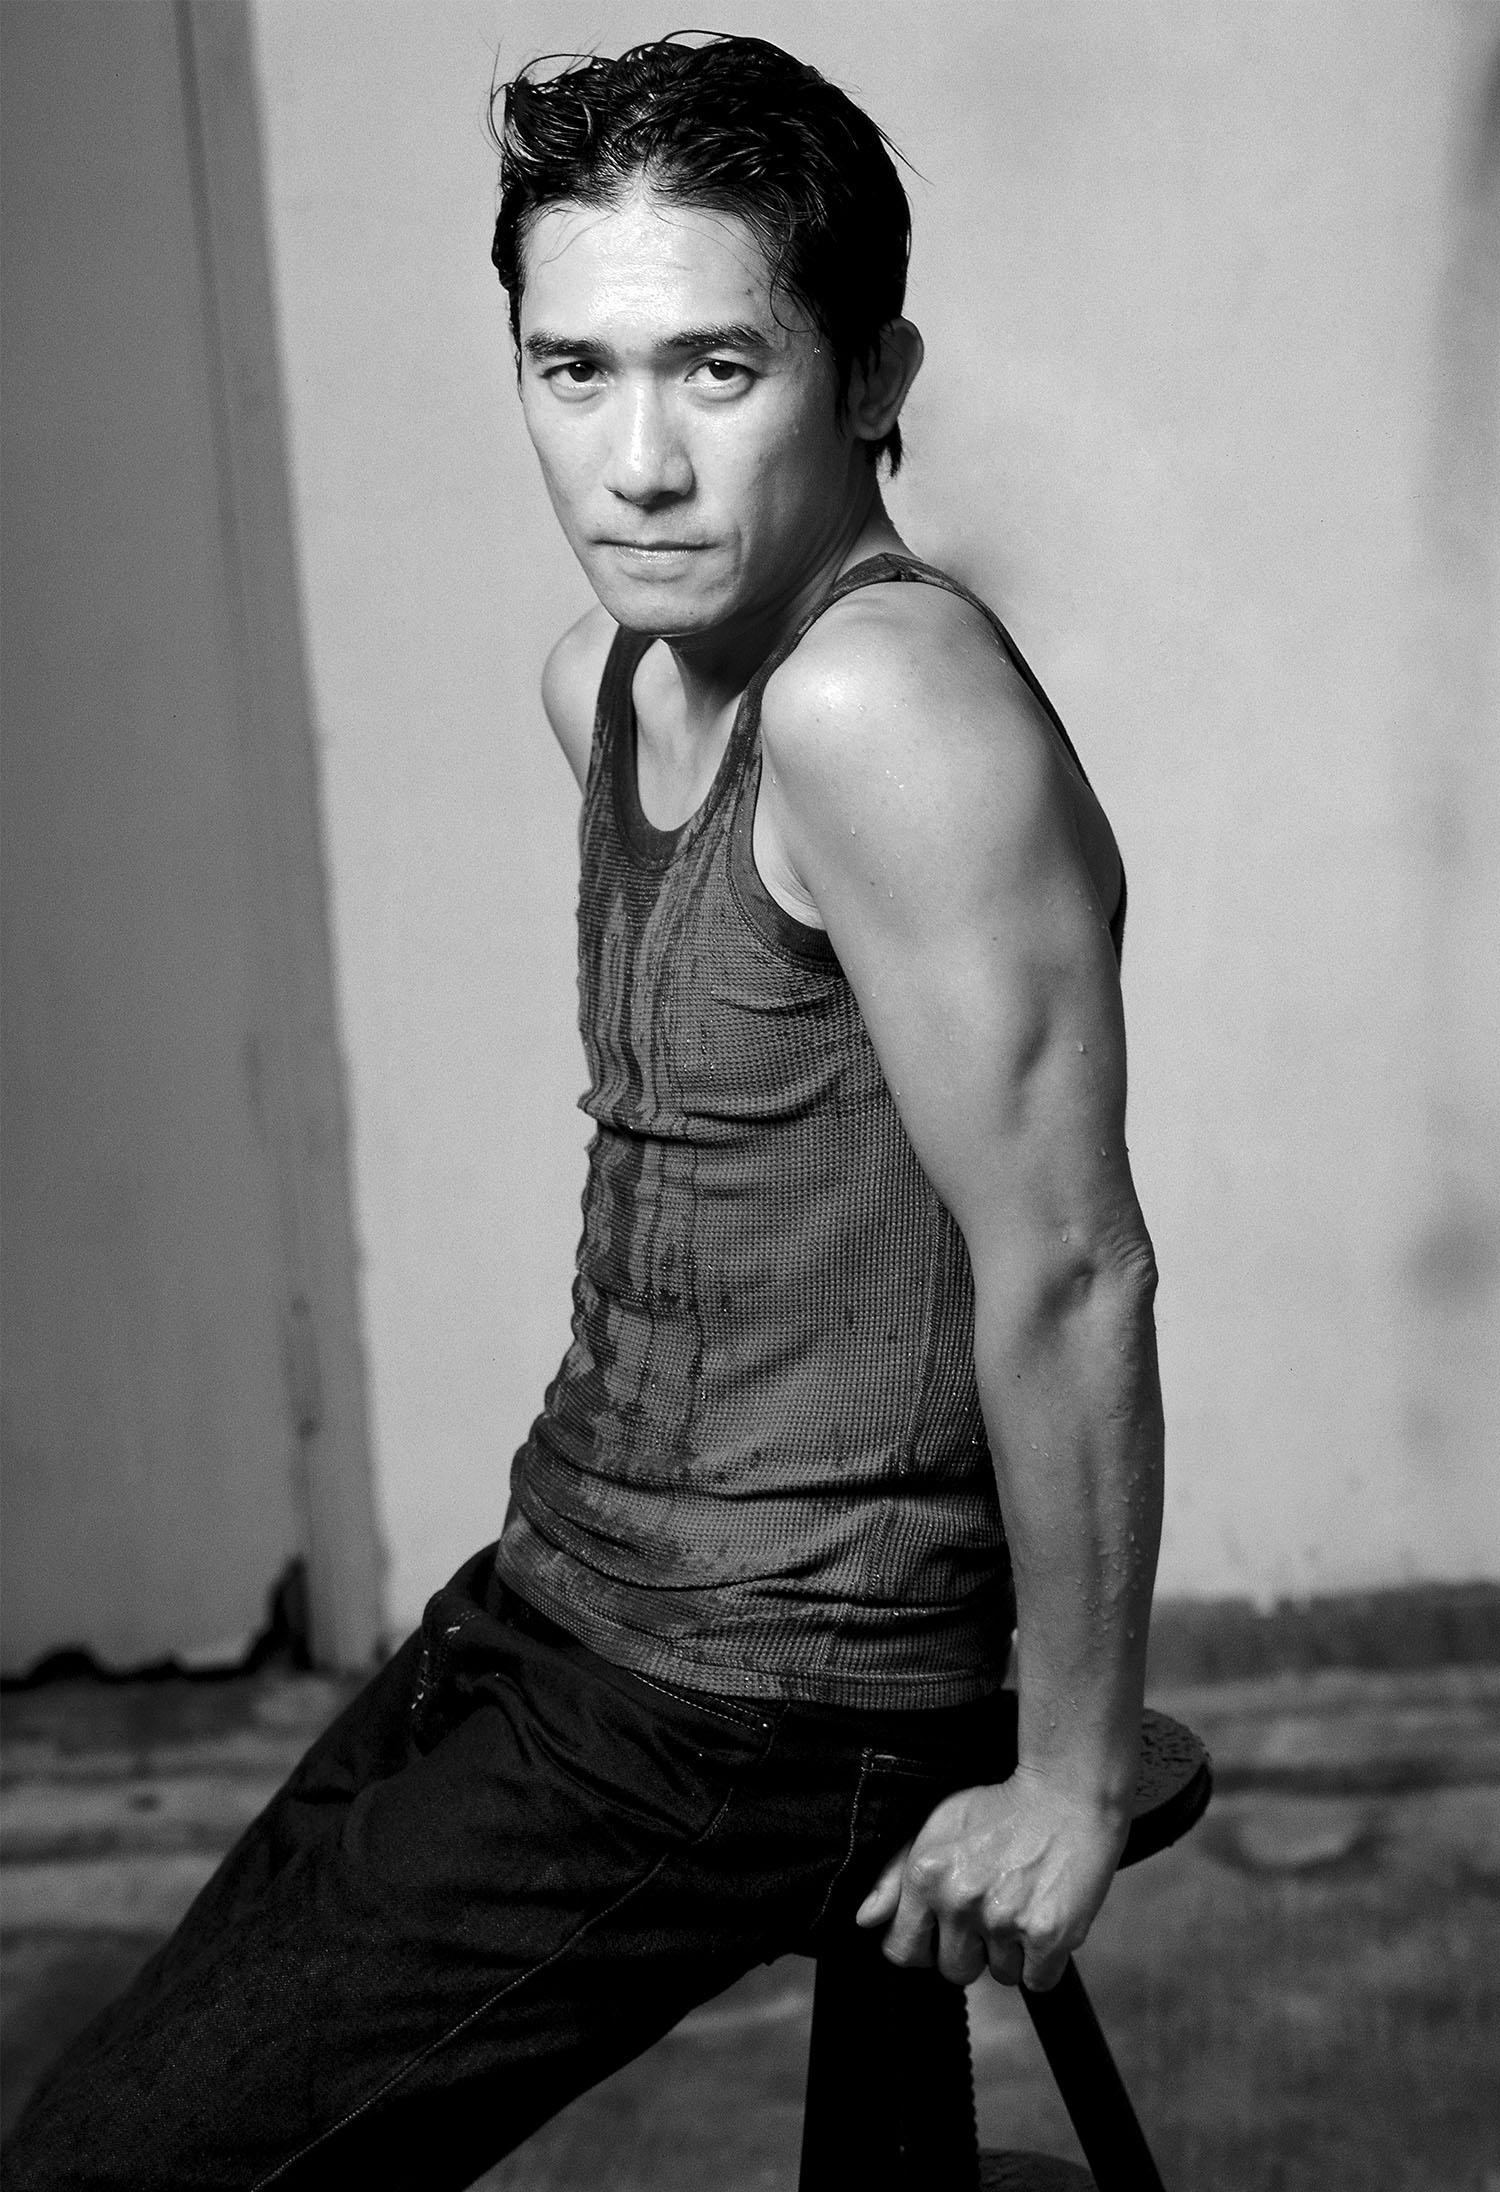 Tony Leung Chiu Wai 梁朝伟